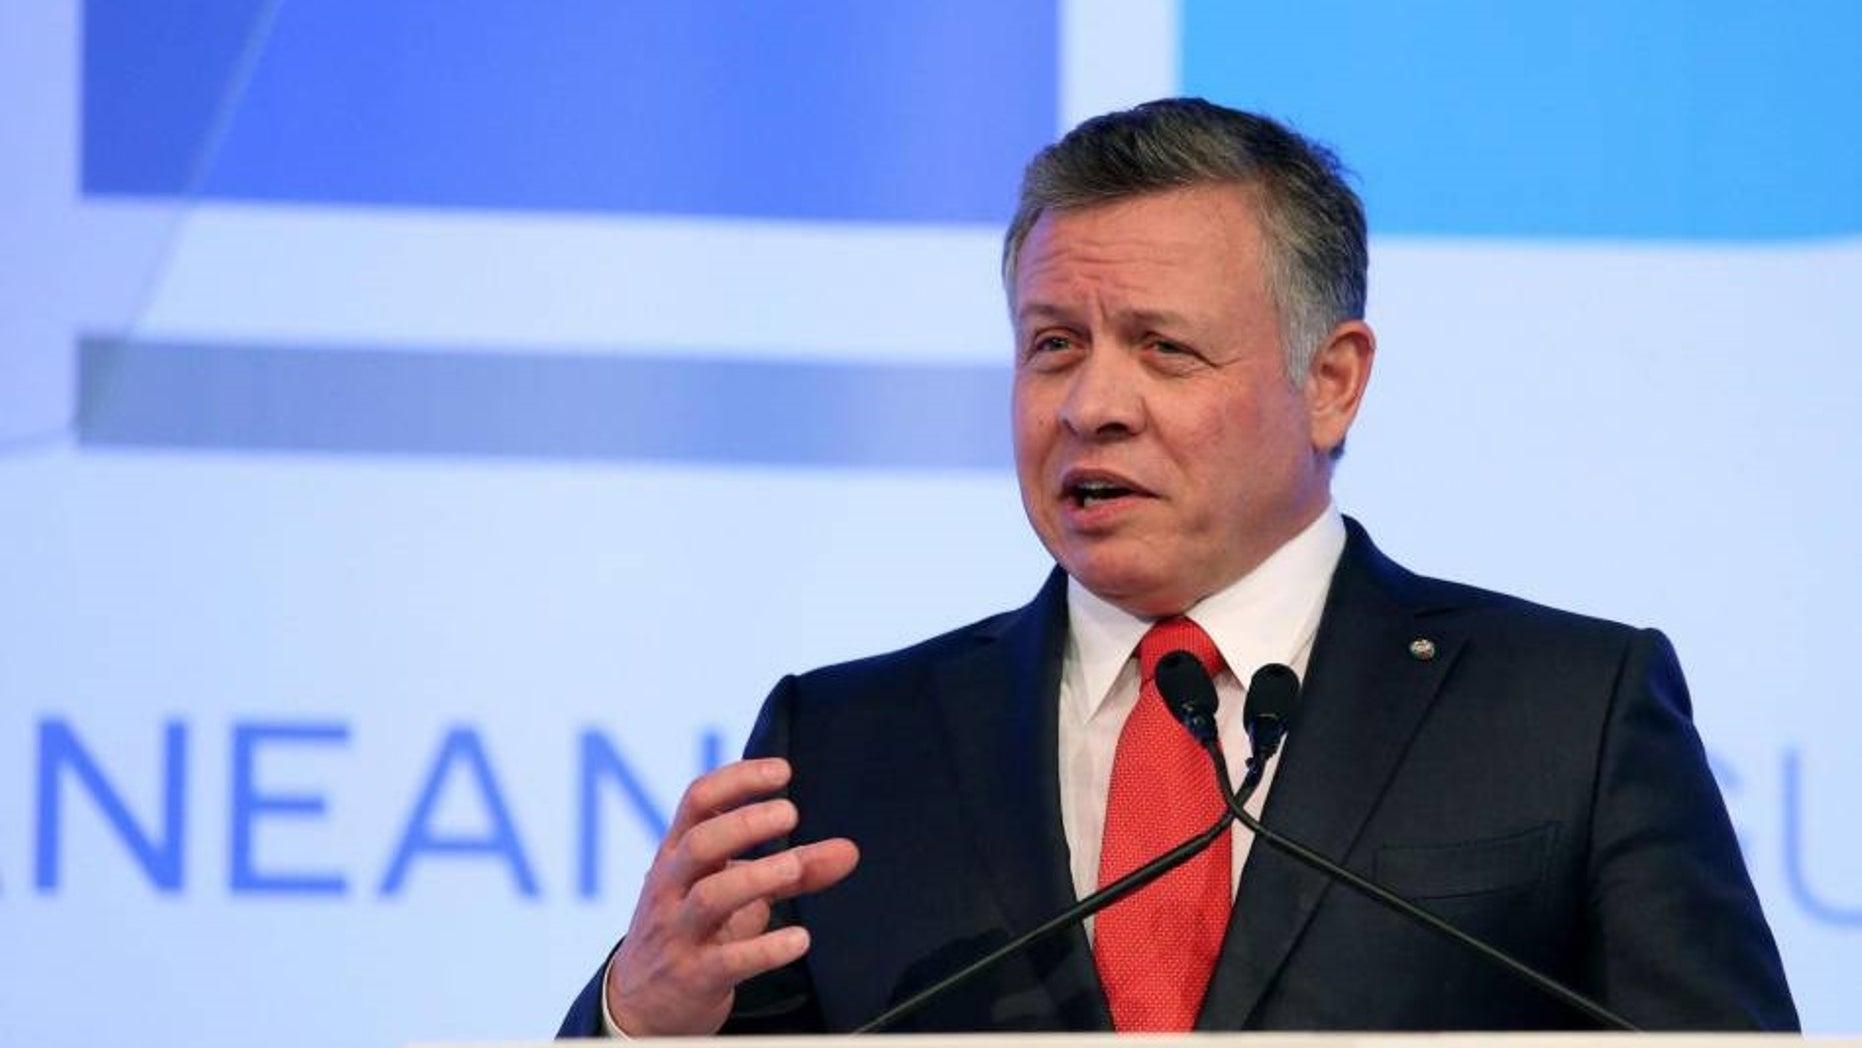 FILE -- Jordan's King Abdullah II